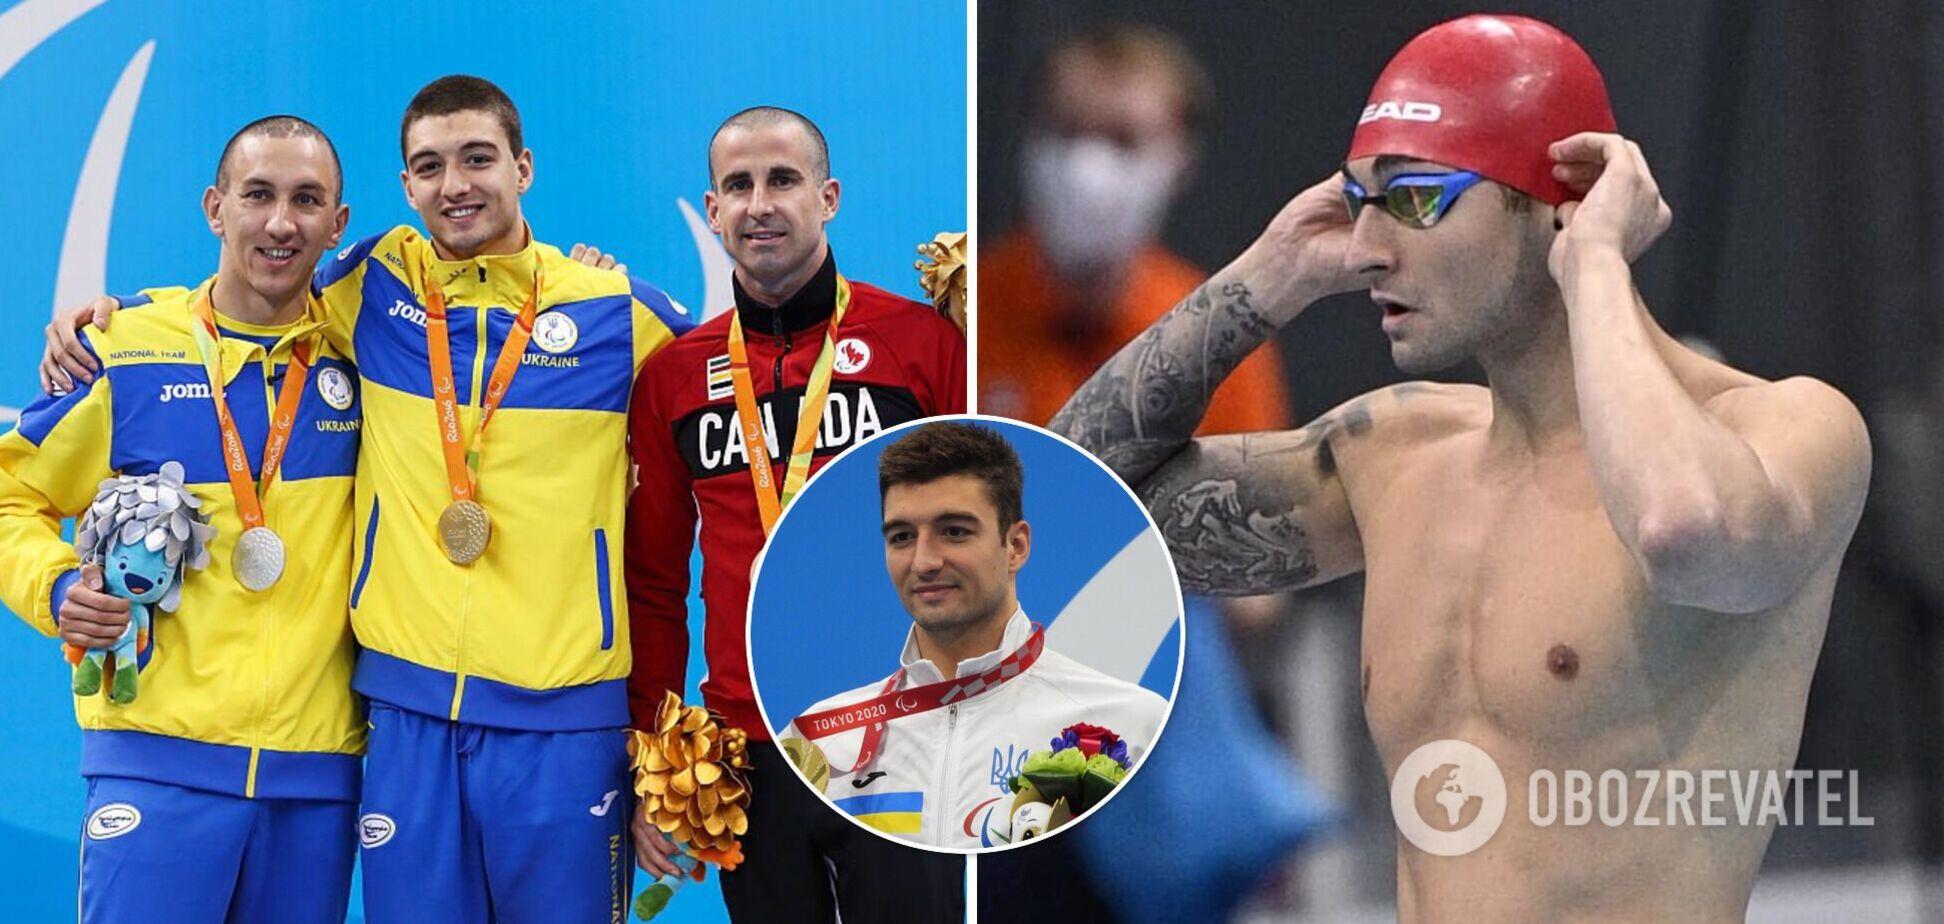 Готувався піти зі спорту: хто такий 10-кратний паралімпійський чемпіон з України Крипак